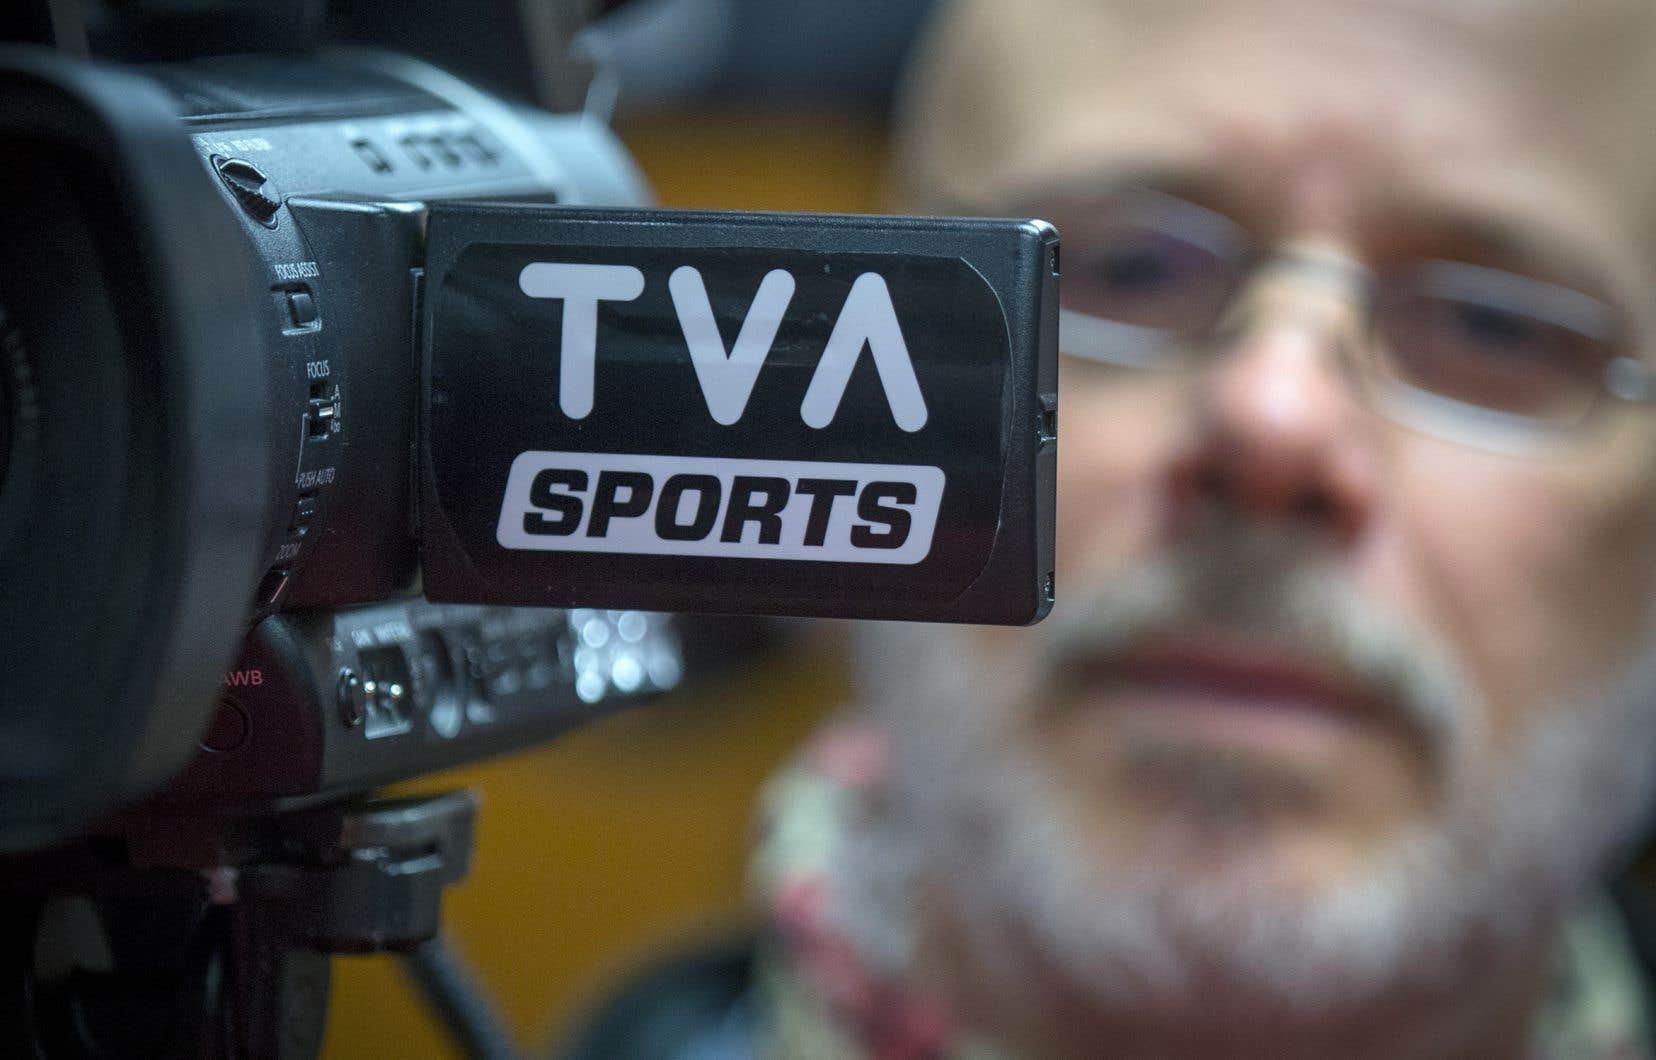 Bell Canada a jusqu'au 5 février prochain pour offrir à ses abonnés TVA Sports dans le même forfait et aux mêmes conditions que sa propre chaîne de sports, RDS.